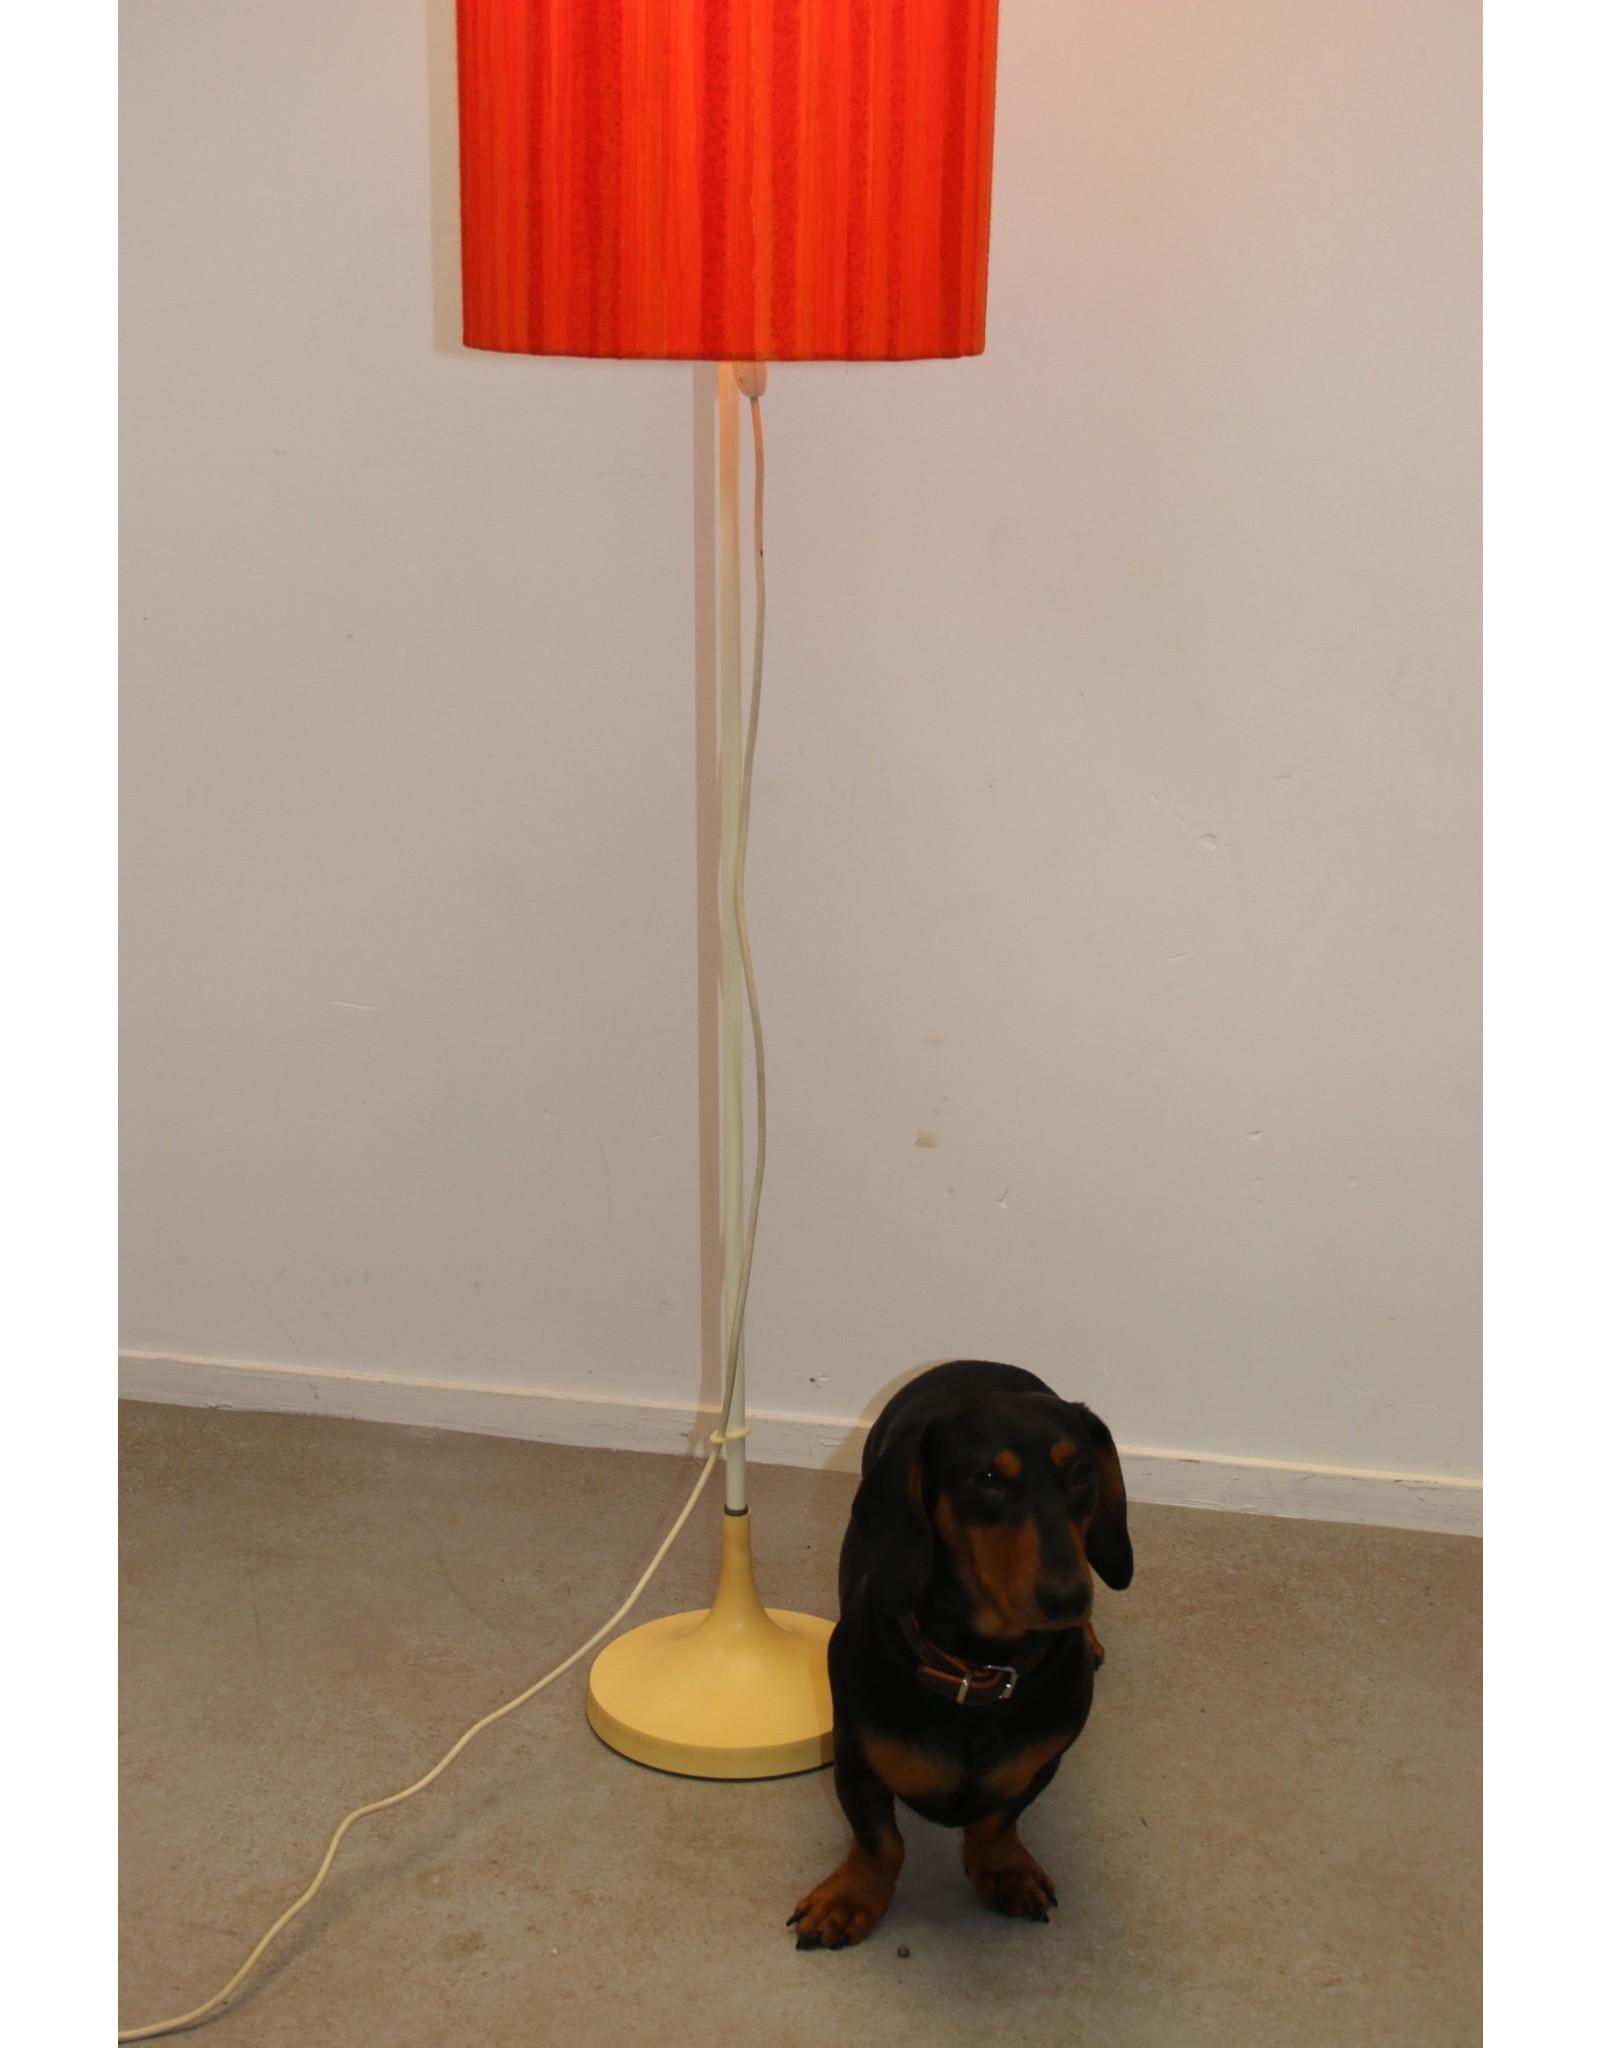 Vloerlamp Met Oranje Rode Kap Jaren60 Timeless Art Nl